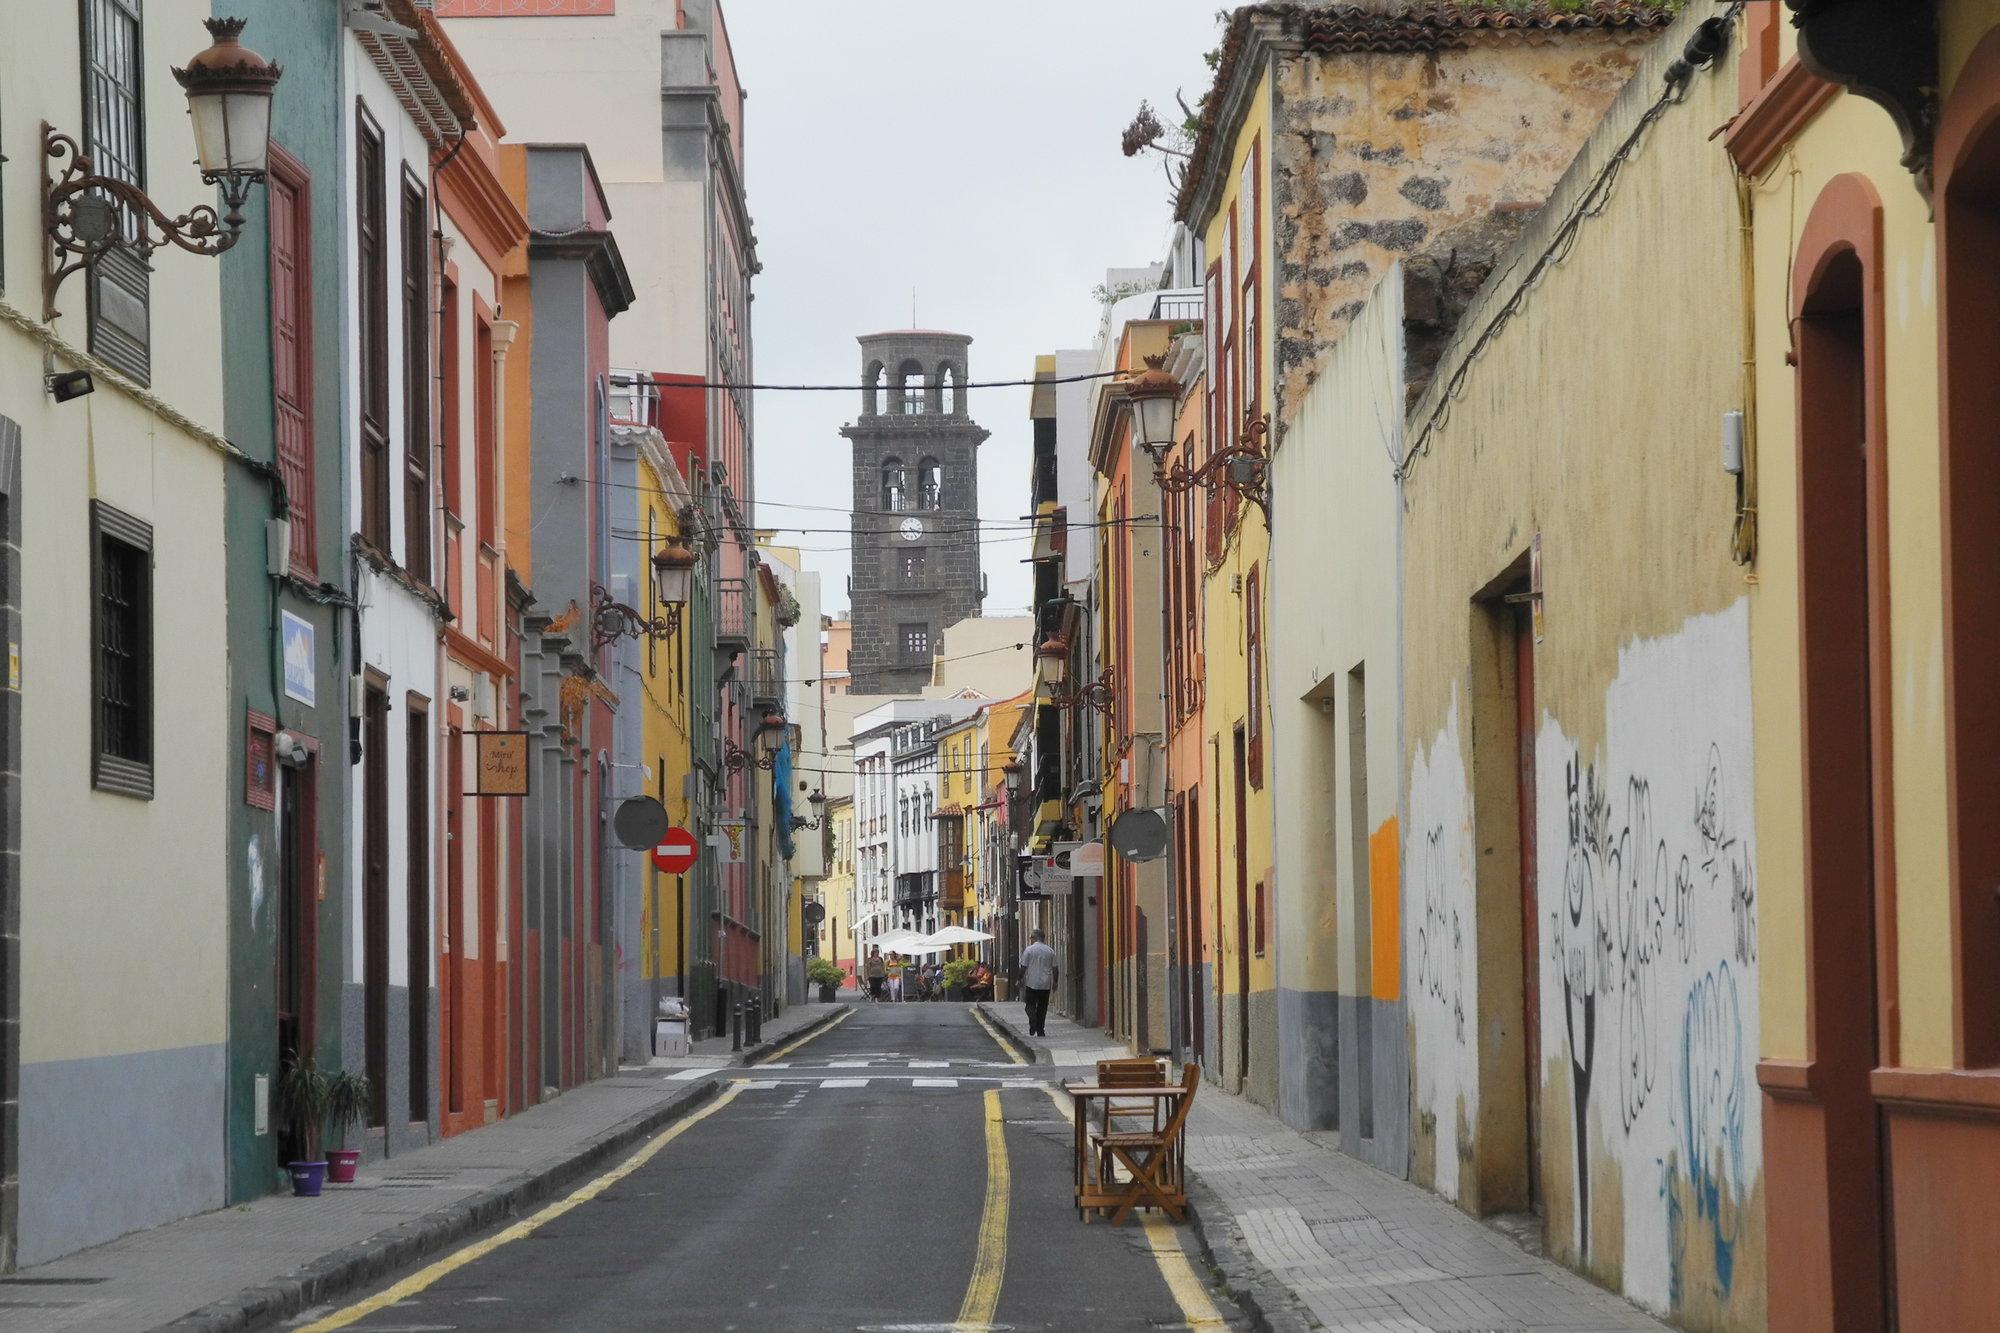 улица университетского города Сан-Кристобаль-де-Ла-Лагуна